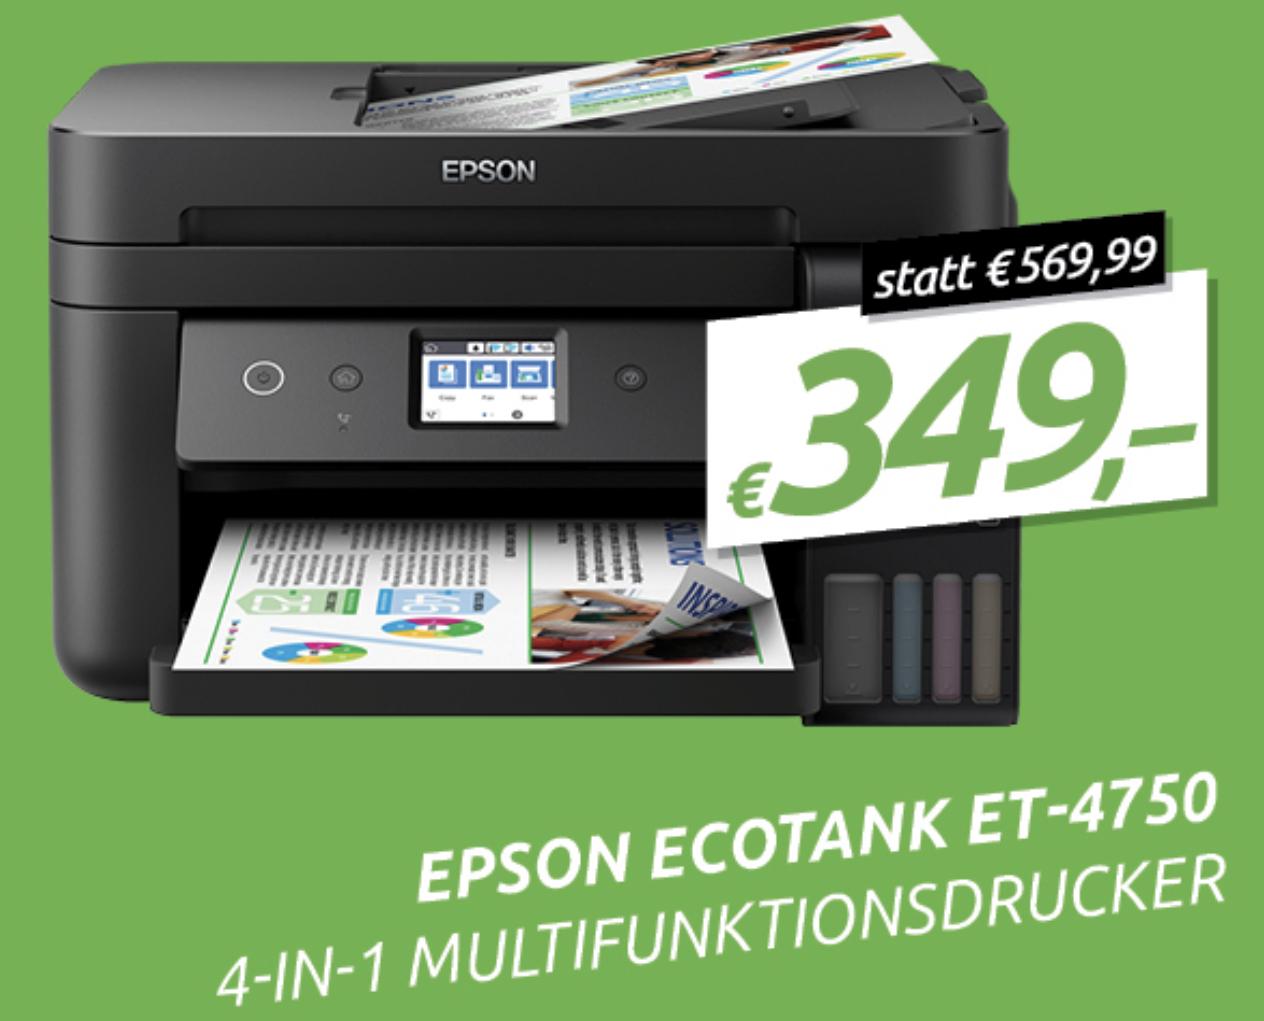 Epson EcoTank ET-4750 4 in 1 Multifunktionsgerät mit Tintentank (Kopierer, Scanner, Drucker, Fax) WiFi direct für 349€ inkl. Versandkosten